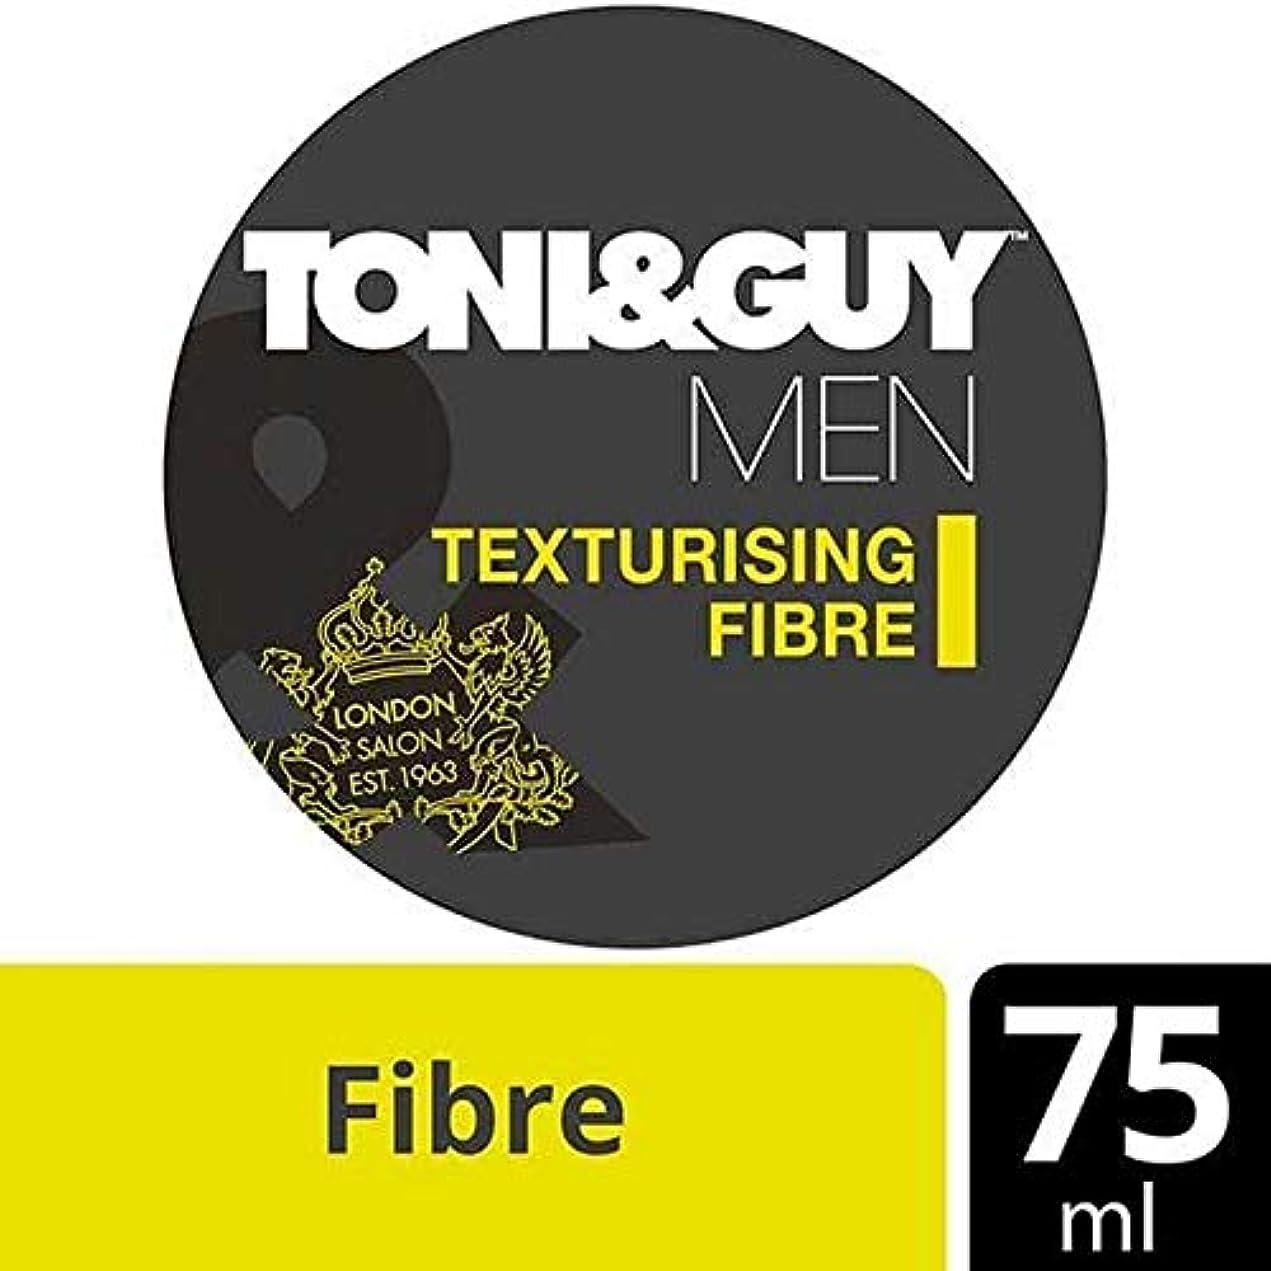 ダブル種類計り知れない[Toni & Guy] トニ&男テクスチャー繊維 - Toni & Guy Texturising Fibre [並行輸入品]